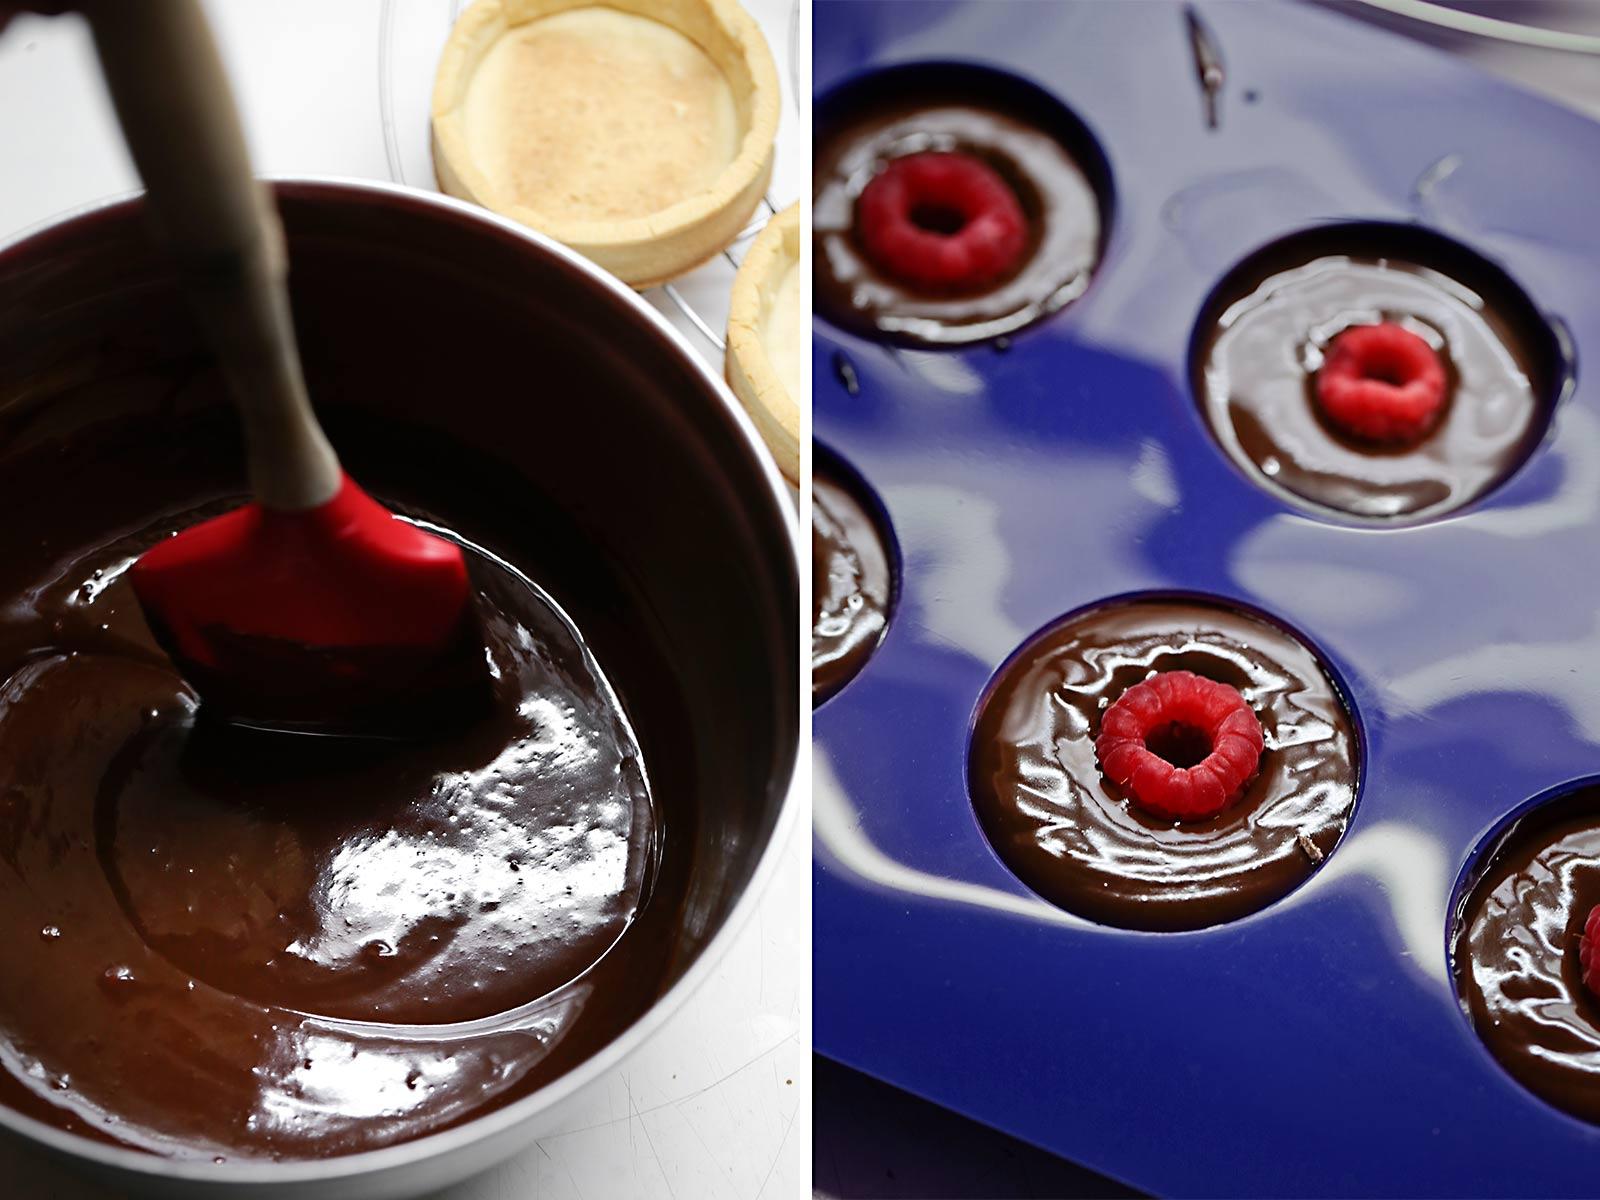 Receta tartaletas de chocolate y frambuesa